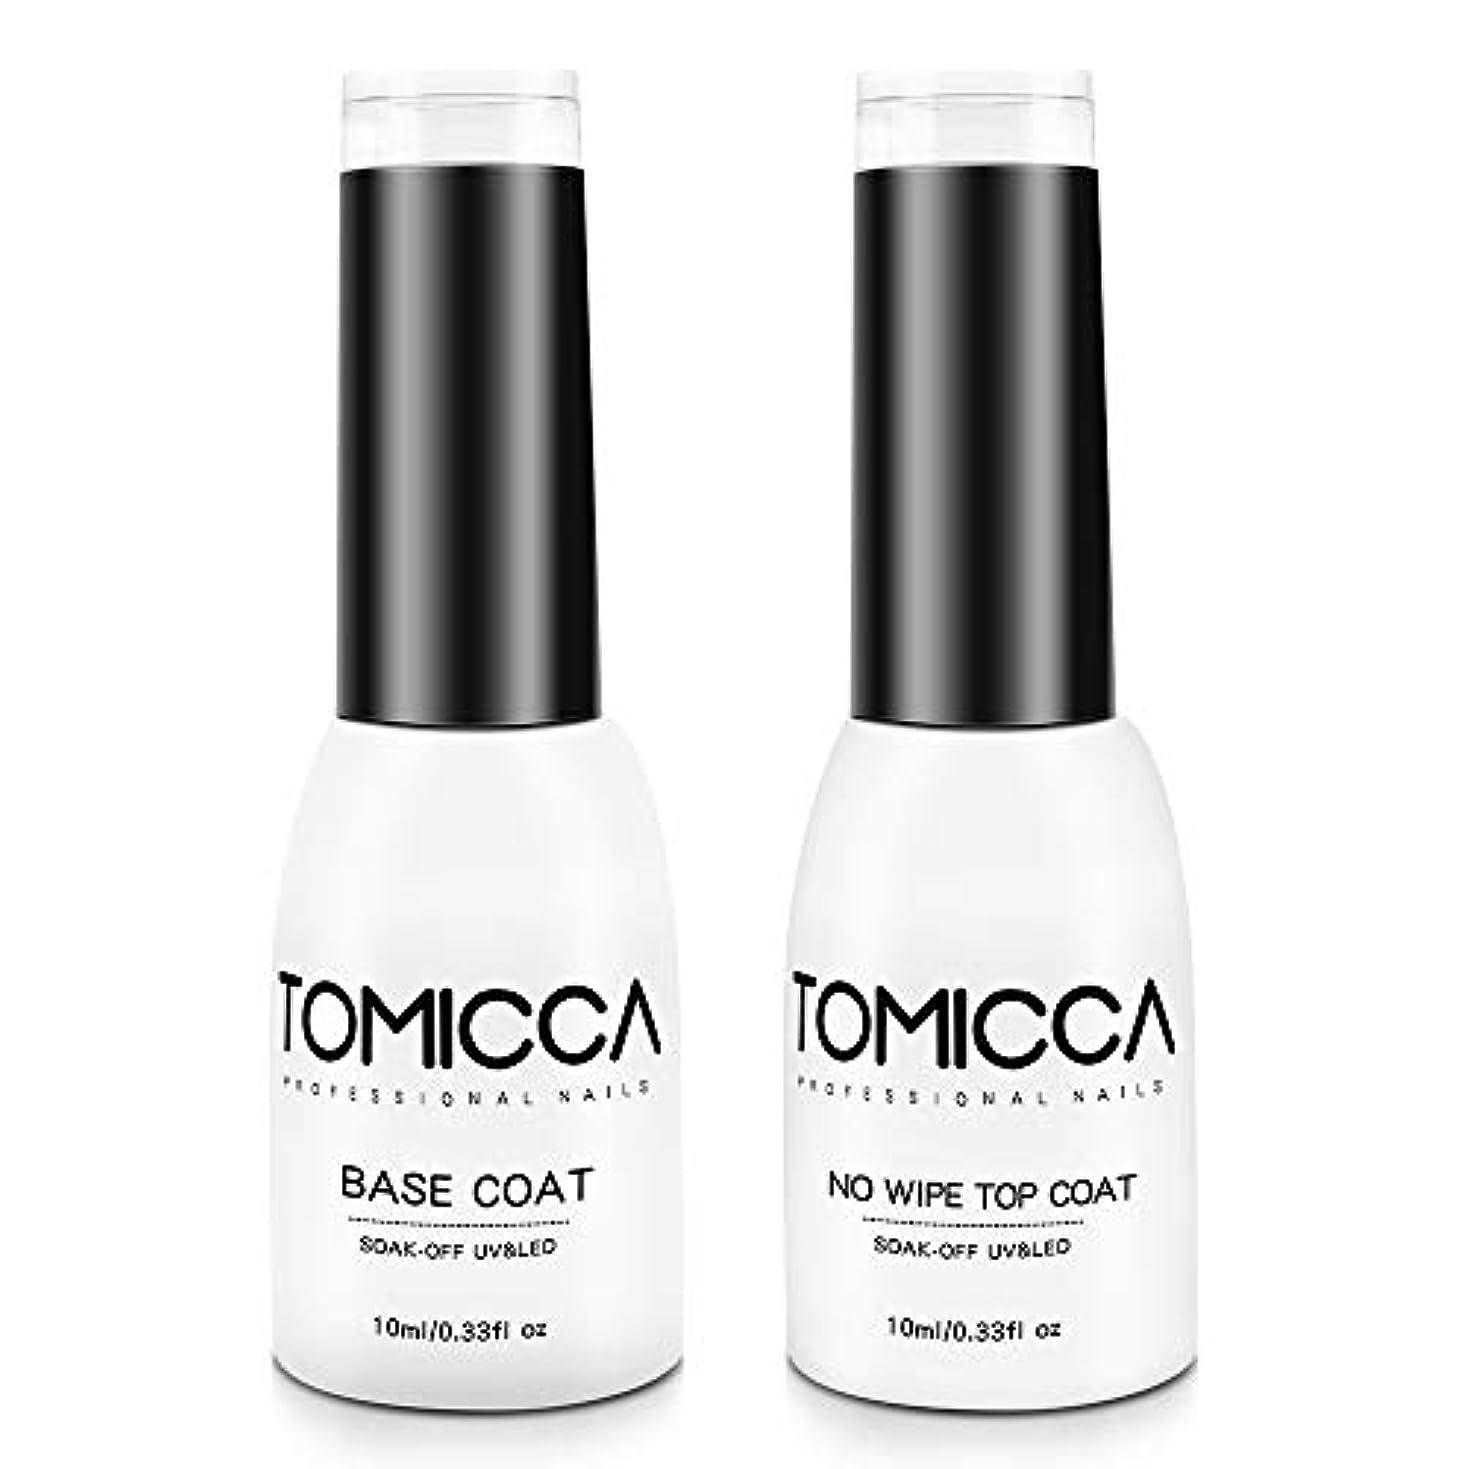 密緯度菊TOMICCA ジェルネイル ベースコート トップコート 10ml 2本セット 拭き取り不要 UV/LED対応 大容量